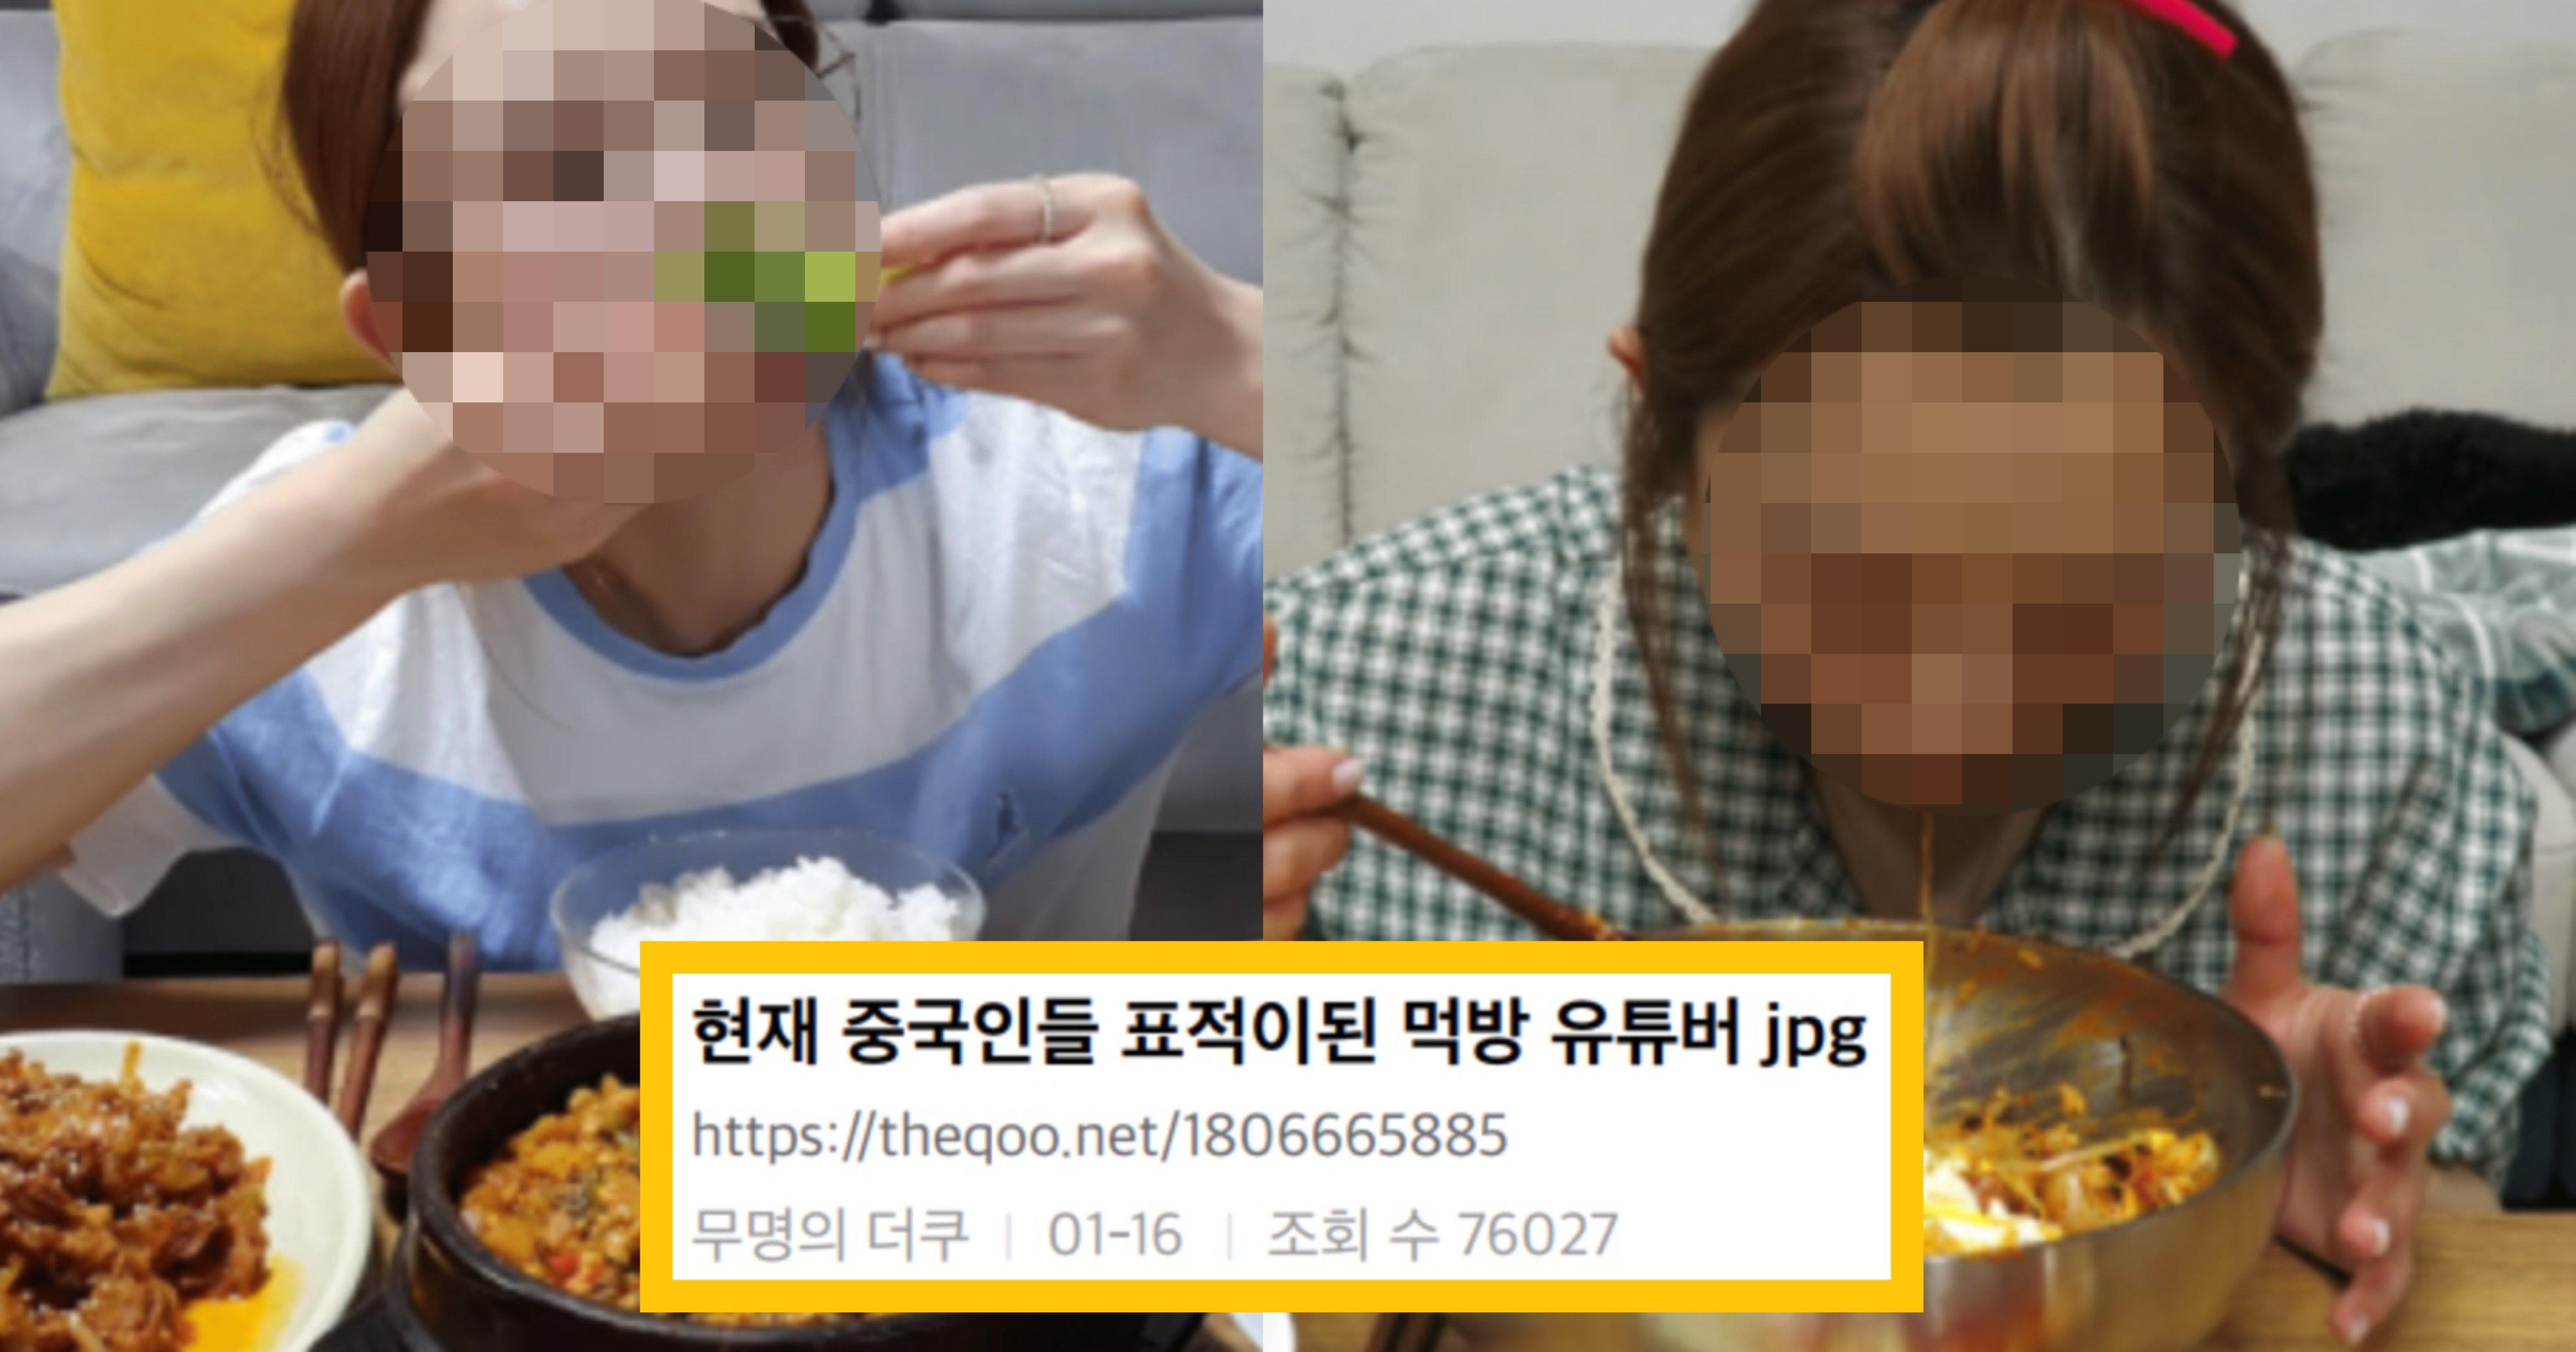 8ba9d665 4f8a 46d8 a6b1 d865fbf52306.jpeg?resize=412,232 - '김치' 먹방 영상 올렸다가 중국인들의 표적이 된 530만 먹방 유튜버 (+댓글사진)